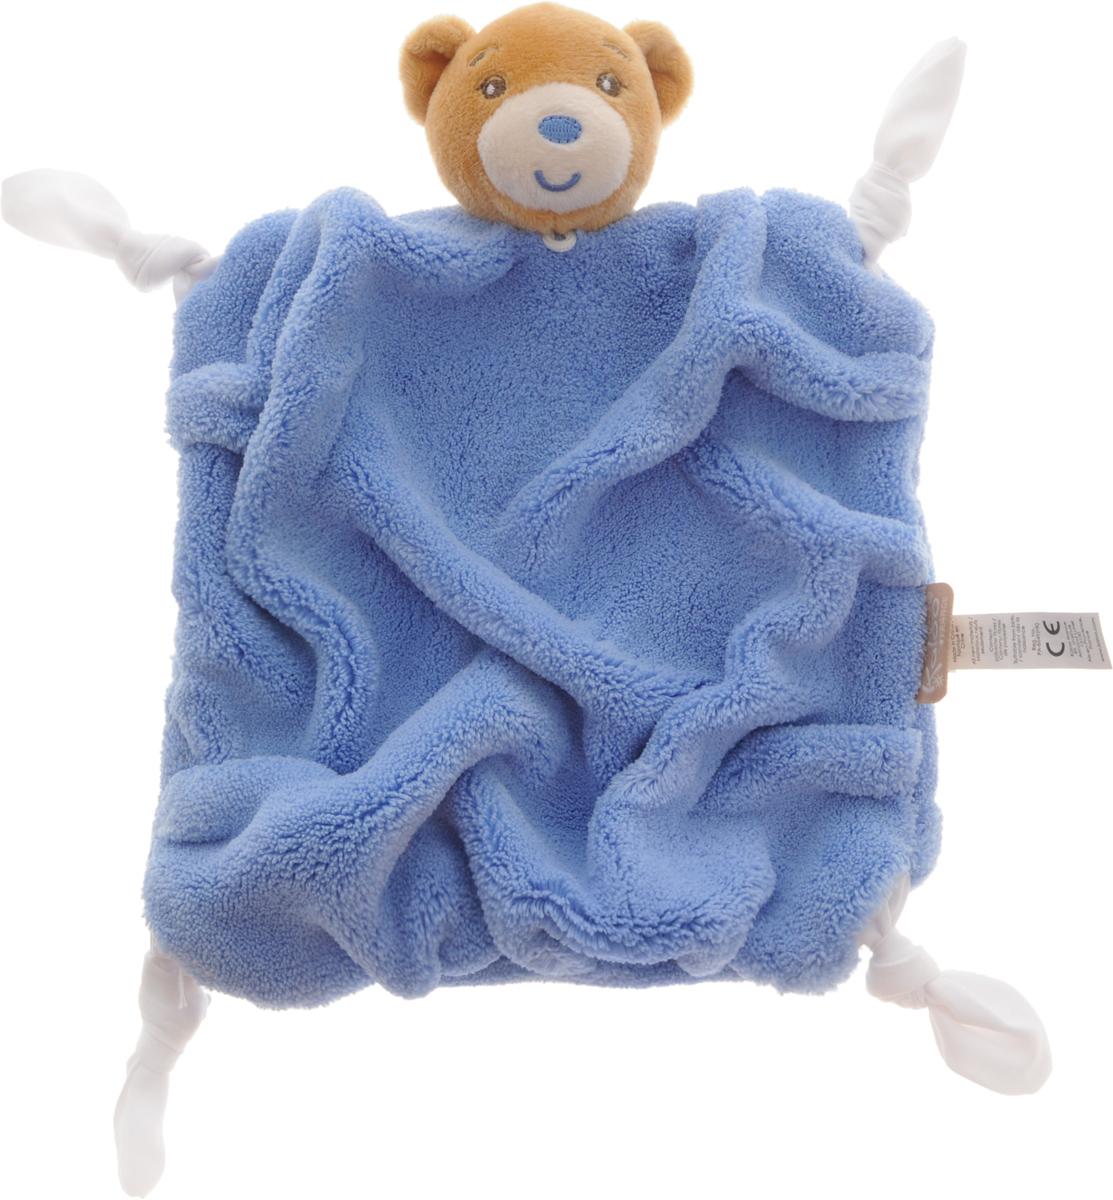 Kaloo Игрушка-комфортер Мишка цвет голубойK962305Уникальный аксессуар - игрушка-комфортер Kaloo Мишка позволит малышу спокойно и сладко уснуть, и на долгое время станет его постоянным спутником. Особенность игрушки-комфортера состоит в том, что сначала маме необходимо некоторое время подержать игрушку рядом с собой для того, чтобы она впитала материнский запах. После чего игрушку можно дать и малышу. Младенцу будет очень комфортно засыпать с такой игрушкой, она позволит ему быстро успокоиться и сладко заснуть. Со временем комфортер станет не просто игрушкой для сна, но и любимым защитником от плохих сновидений и детских страхов. Игрушку приятно держать в руках и прижимать к себе. Игрушка выполнена из качественных и безопасных для здоровья детей материалов, которые не вызывают аллергии, приятны на ощупь и доставляют большое удовольствие во время игр. Игры с мягкими игрушками развивают тактильную чувствительность и сенсорное восприятие. Комфортер выполнен в приятном цвете, на уголках завязаны узелочки. Очаровательный мягкий...